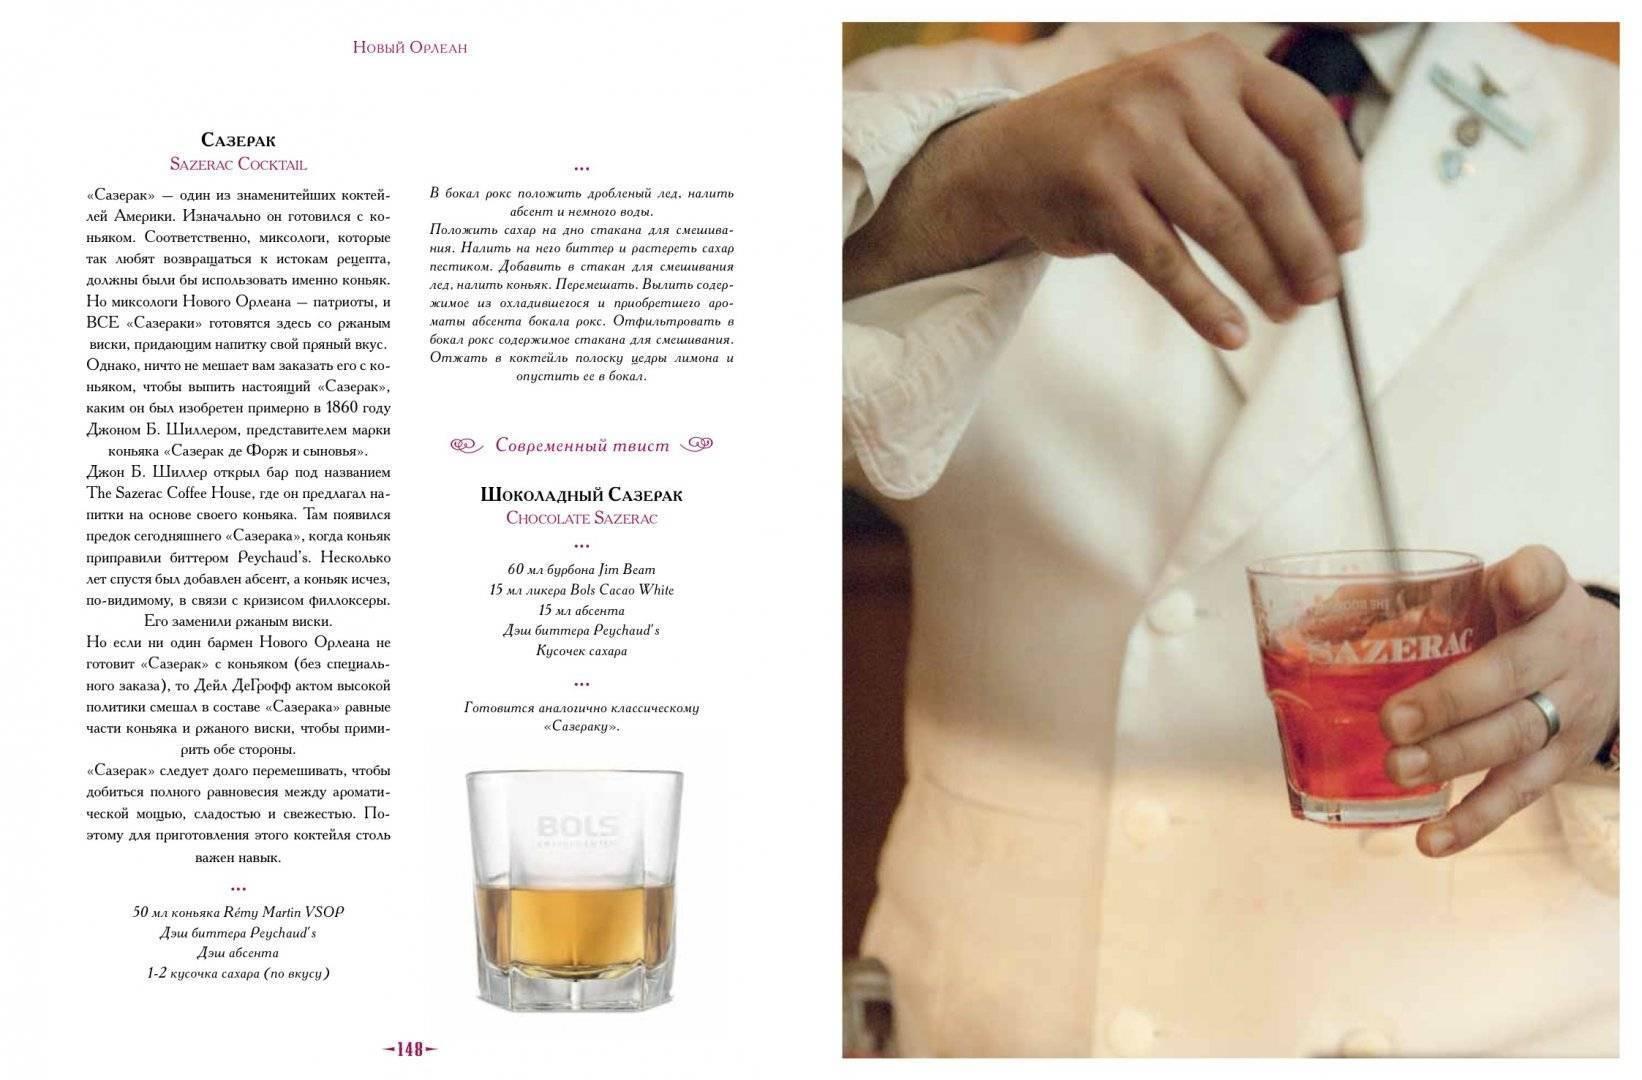 Как пить абсент и готовить алкогольные коктейли на его основе?